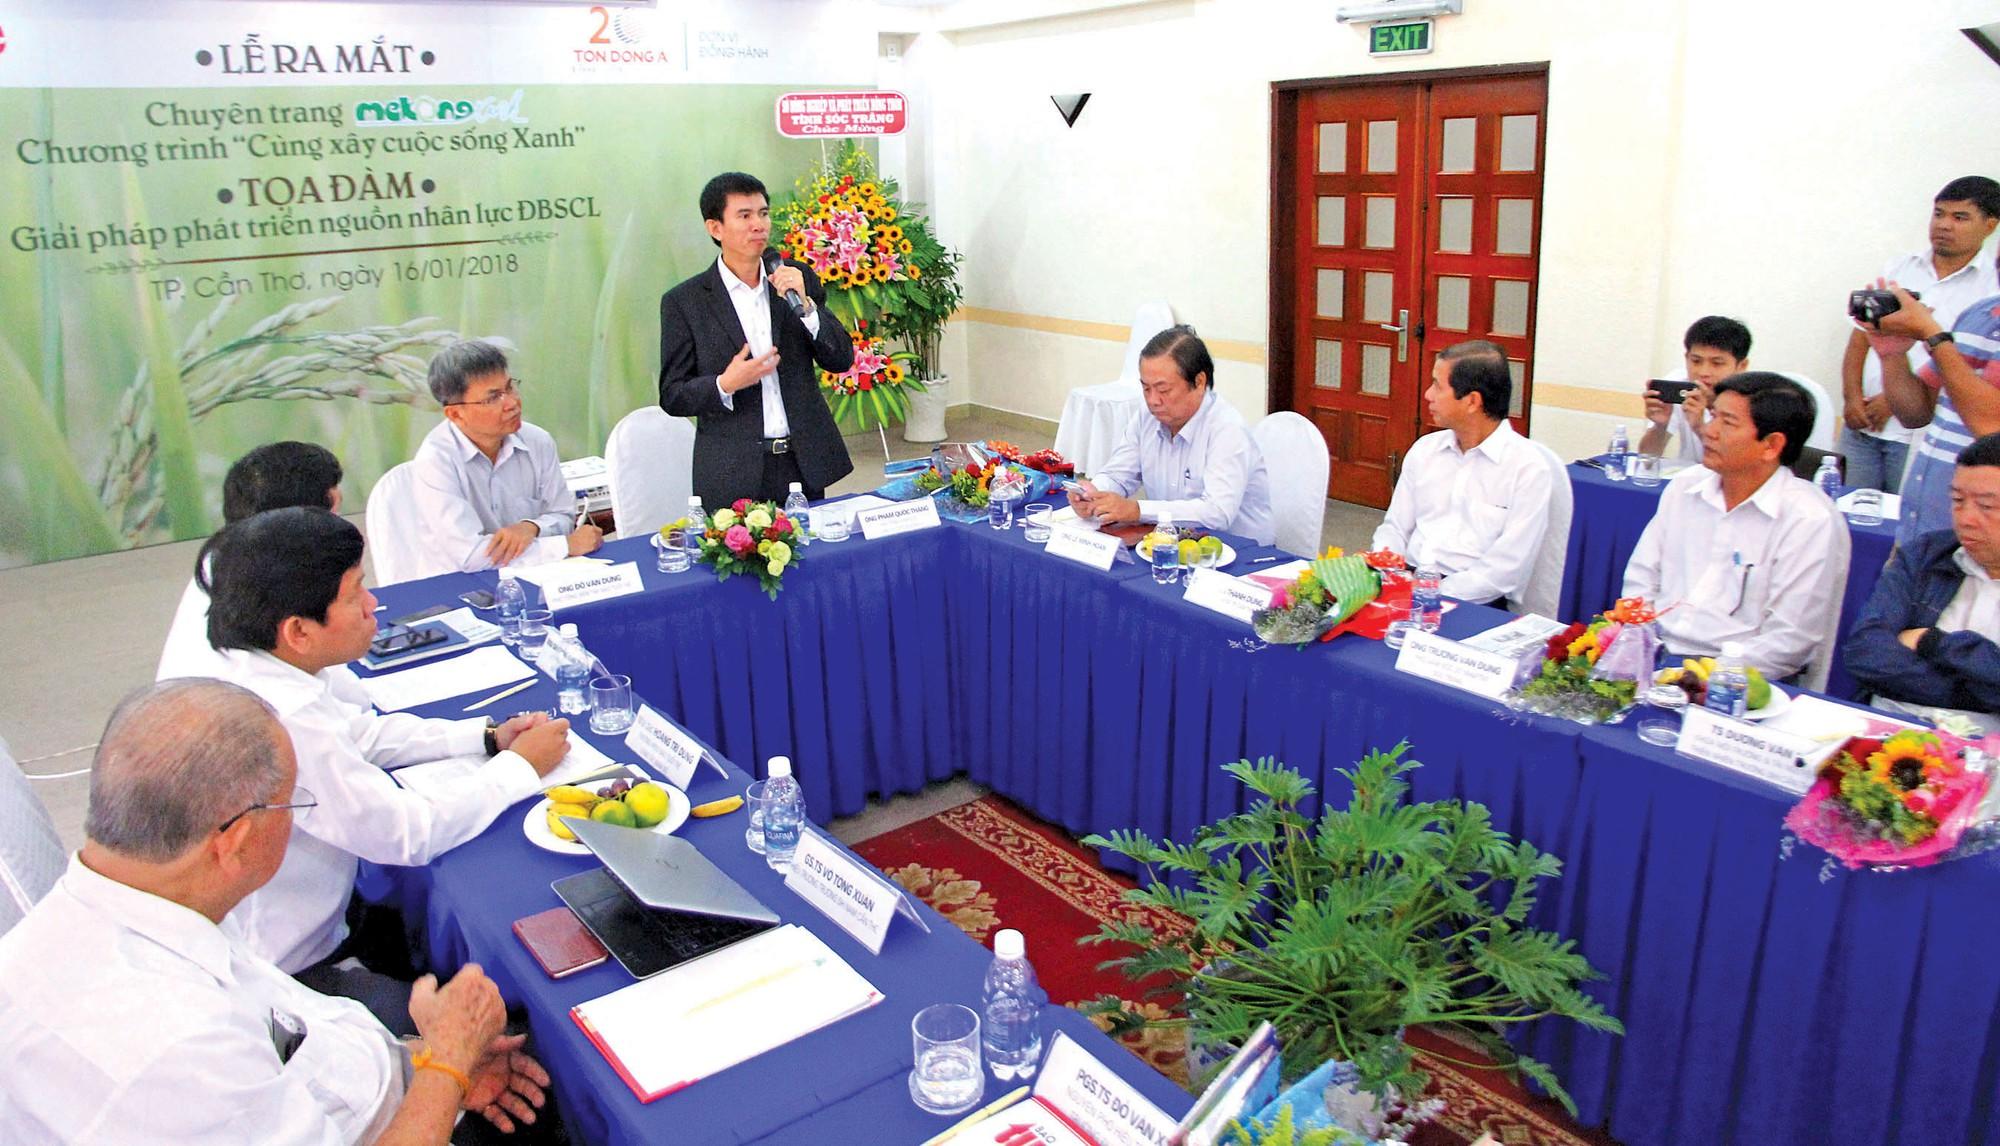 MeKong Xanh - Cùng xây cuộc sống xanh - Ảnh 6.